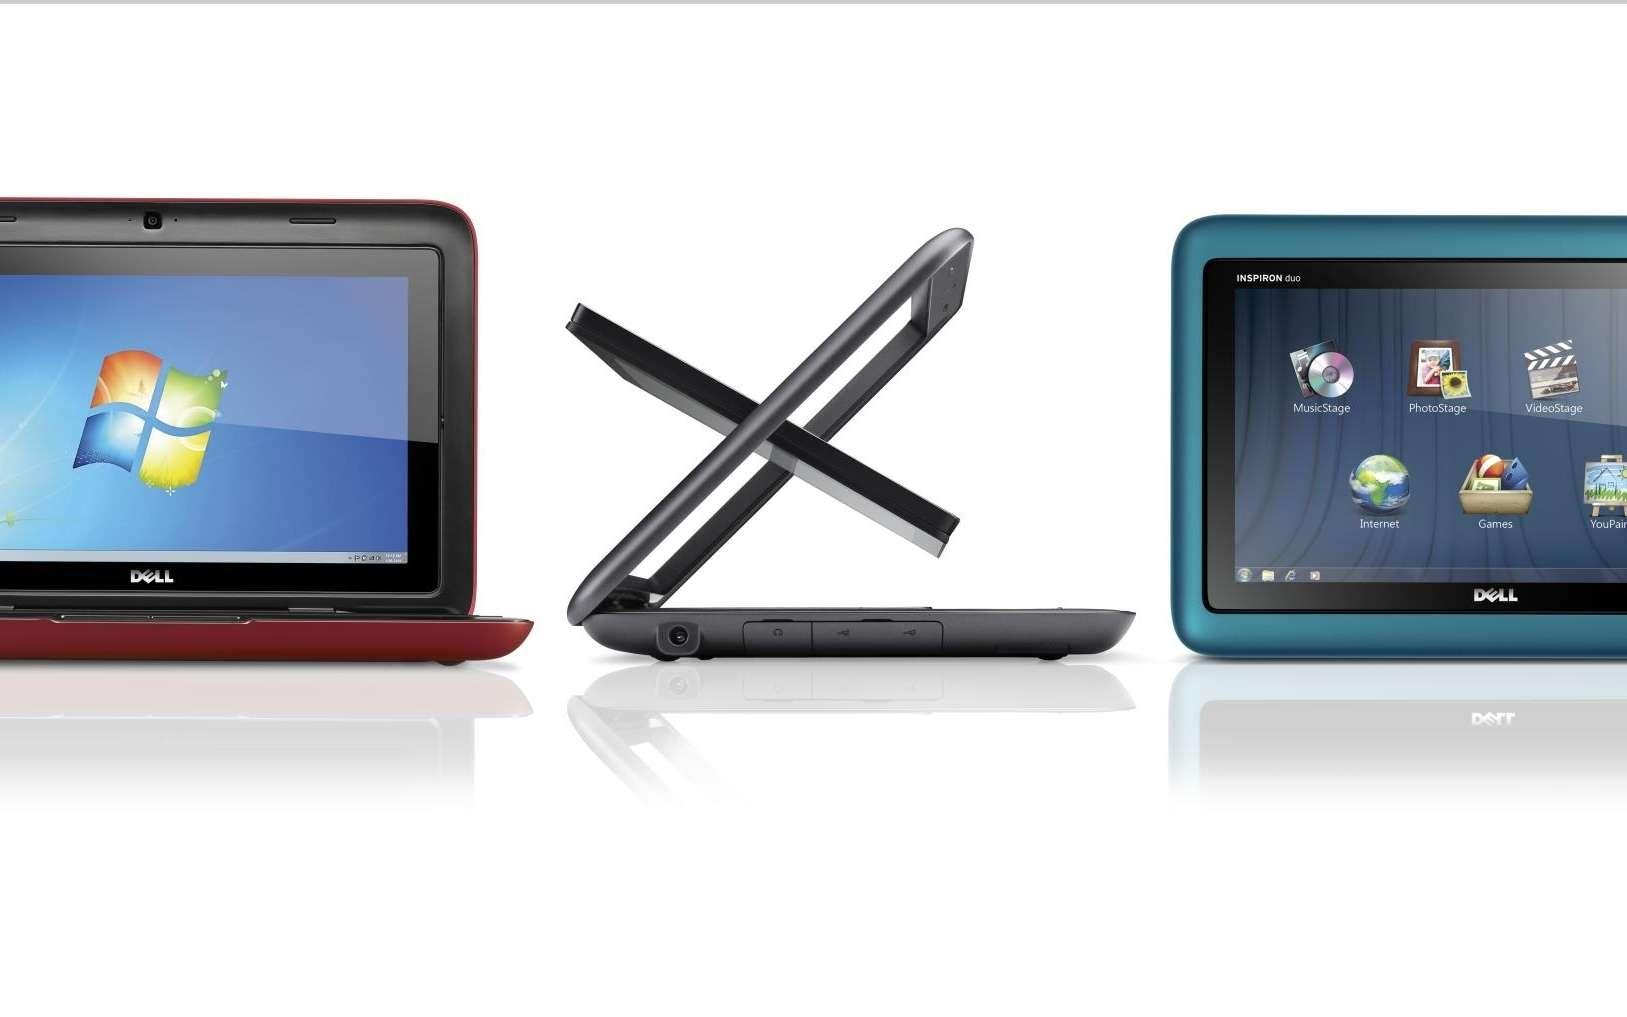 1- Ouvrez. 2- Pivotez l'écran. 3- Rabattez-le. C'est une tablette... © Dell